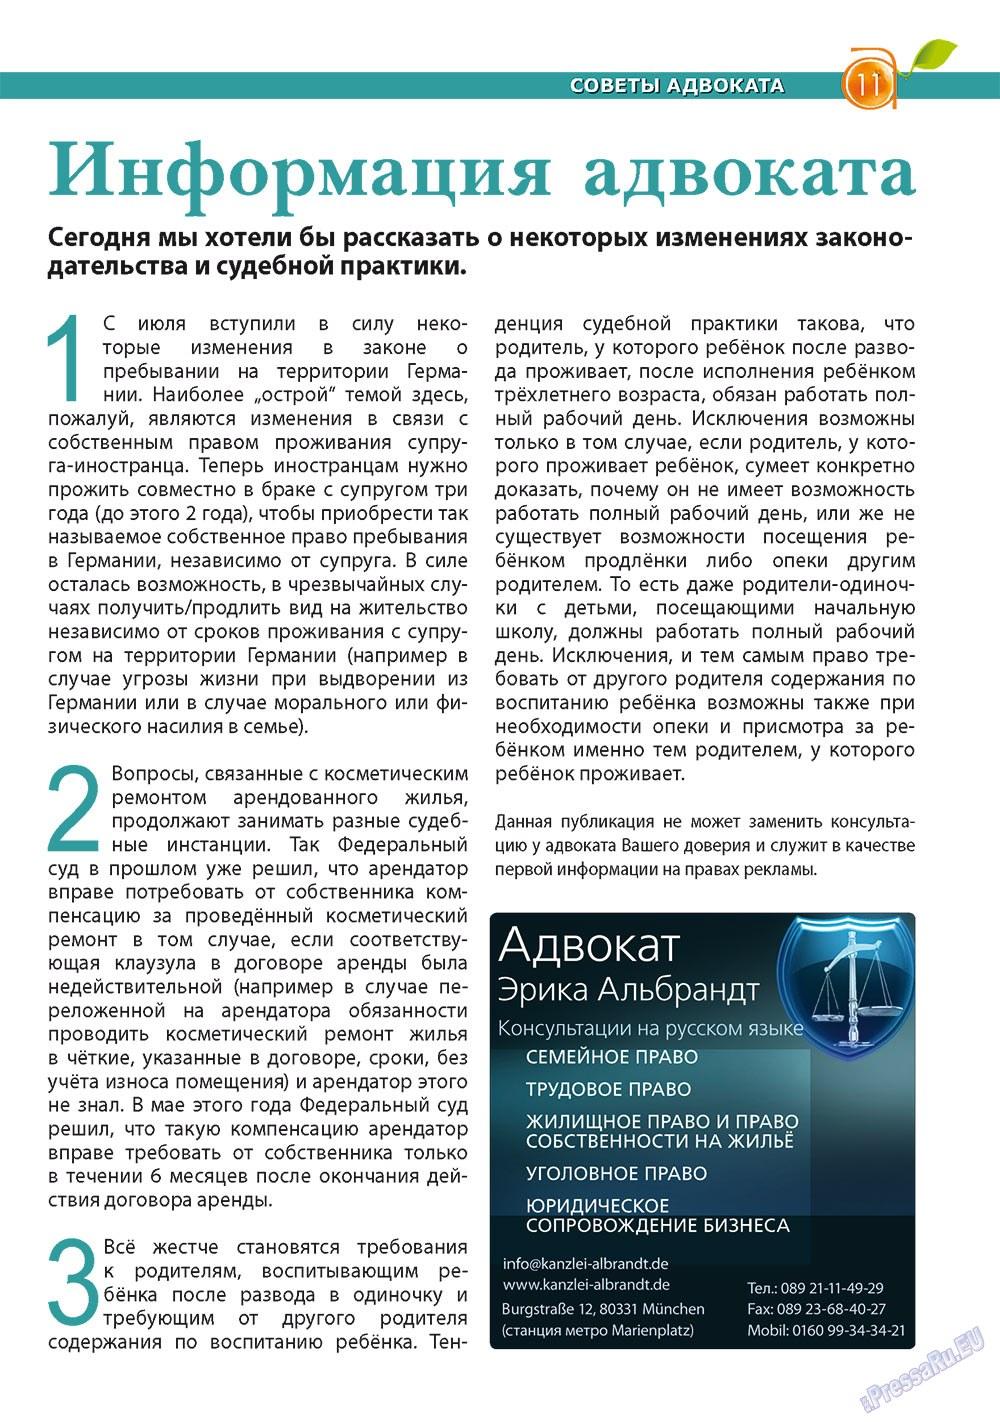 Апельсин (журнал). 2011 год, номер 26, стр. 11